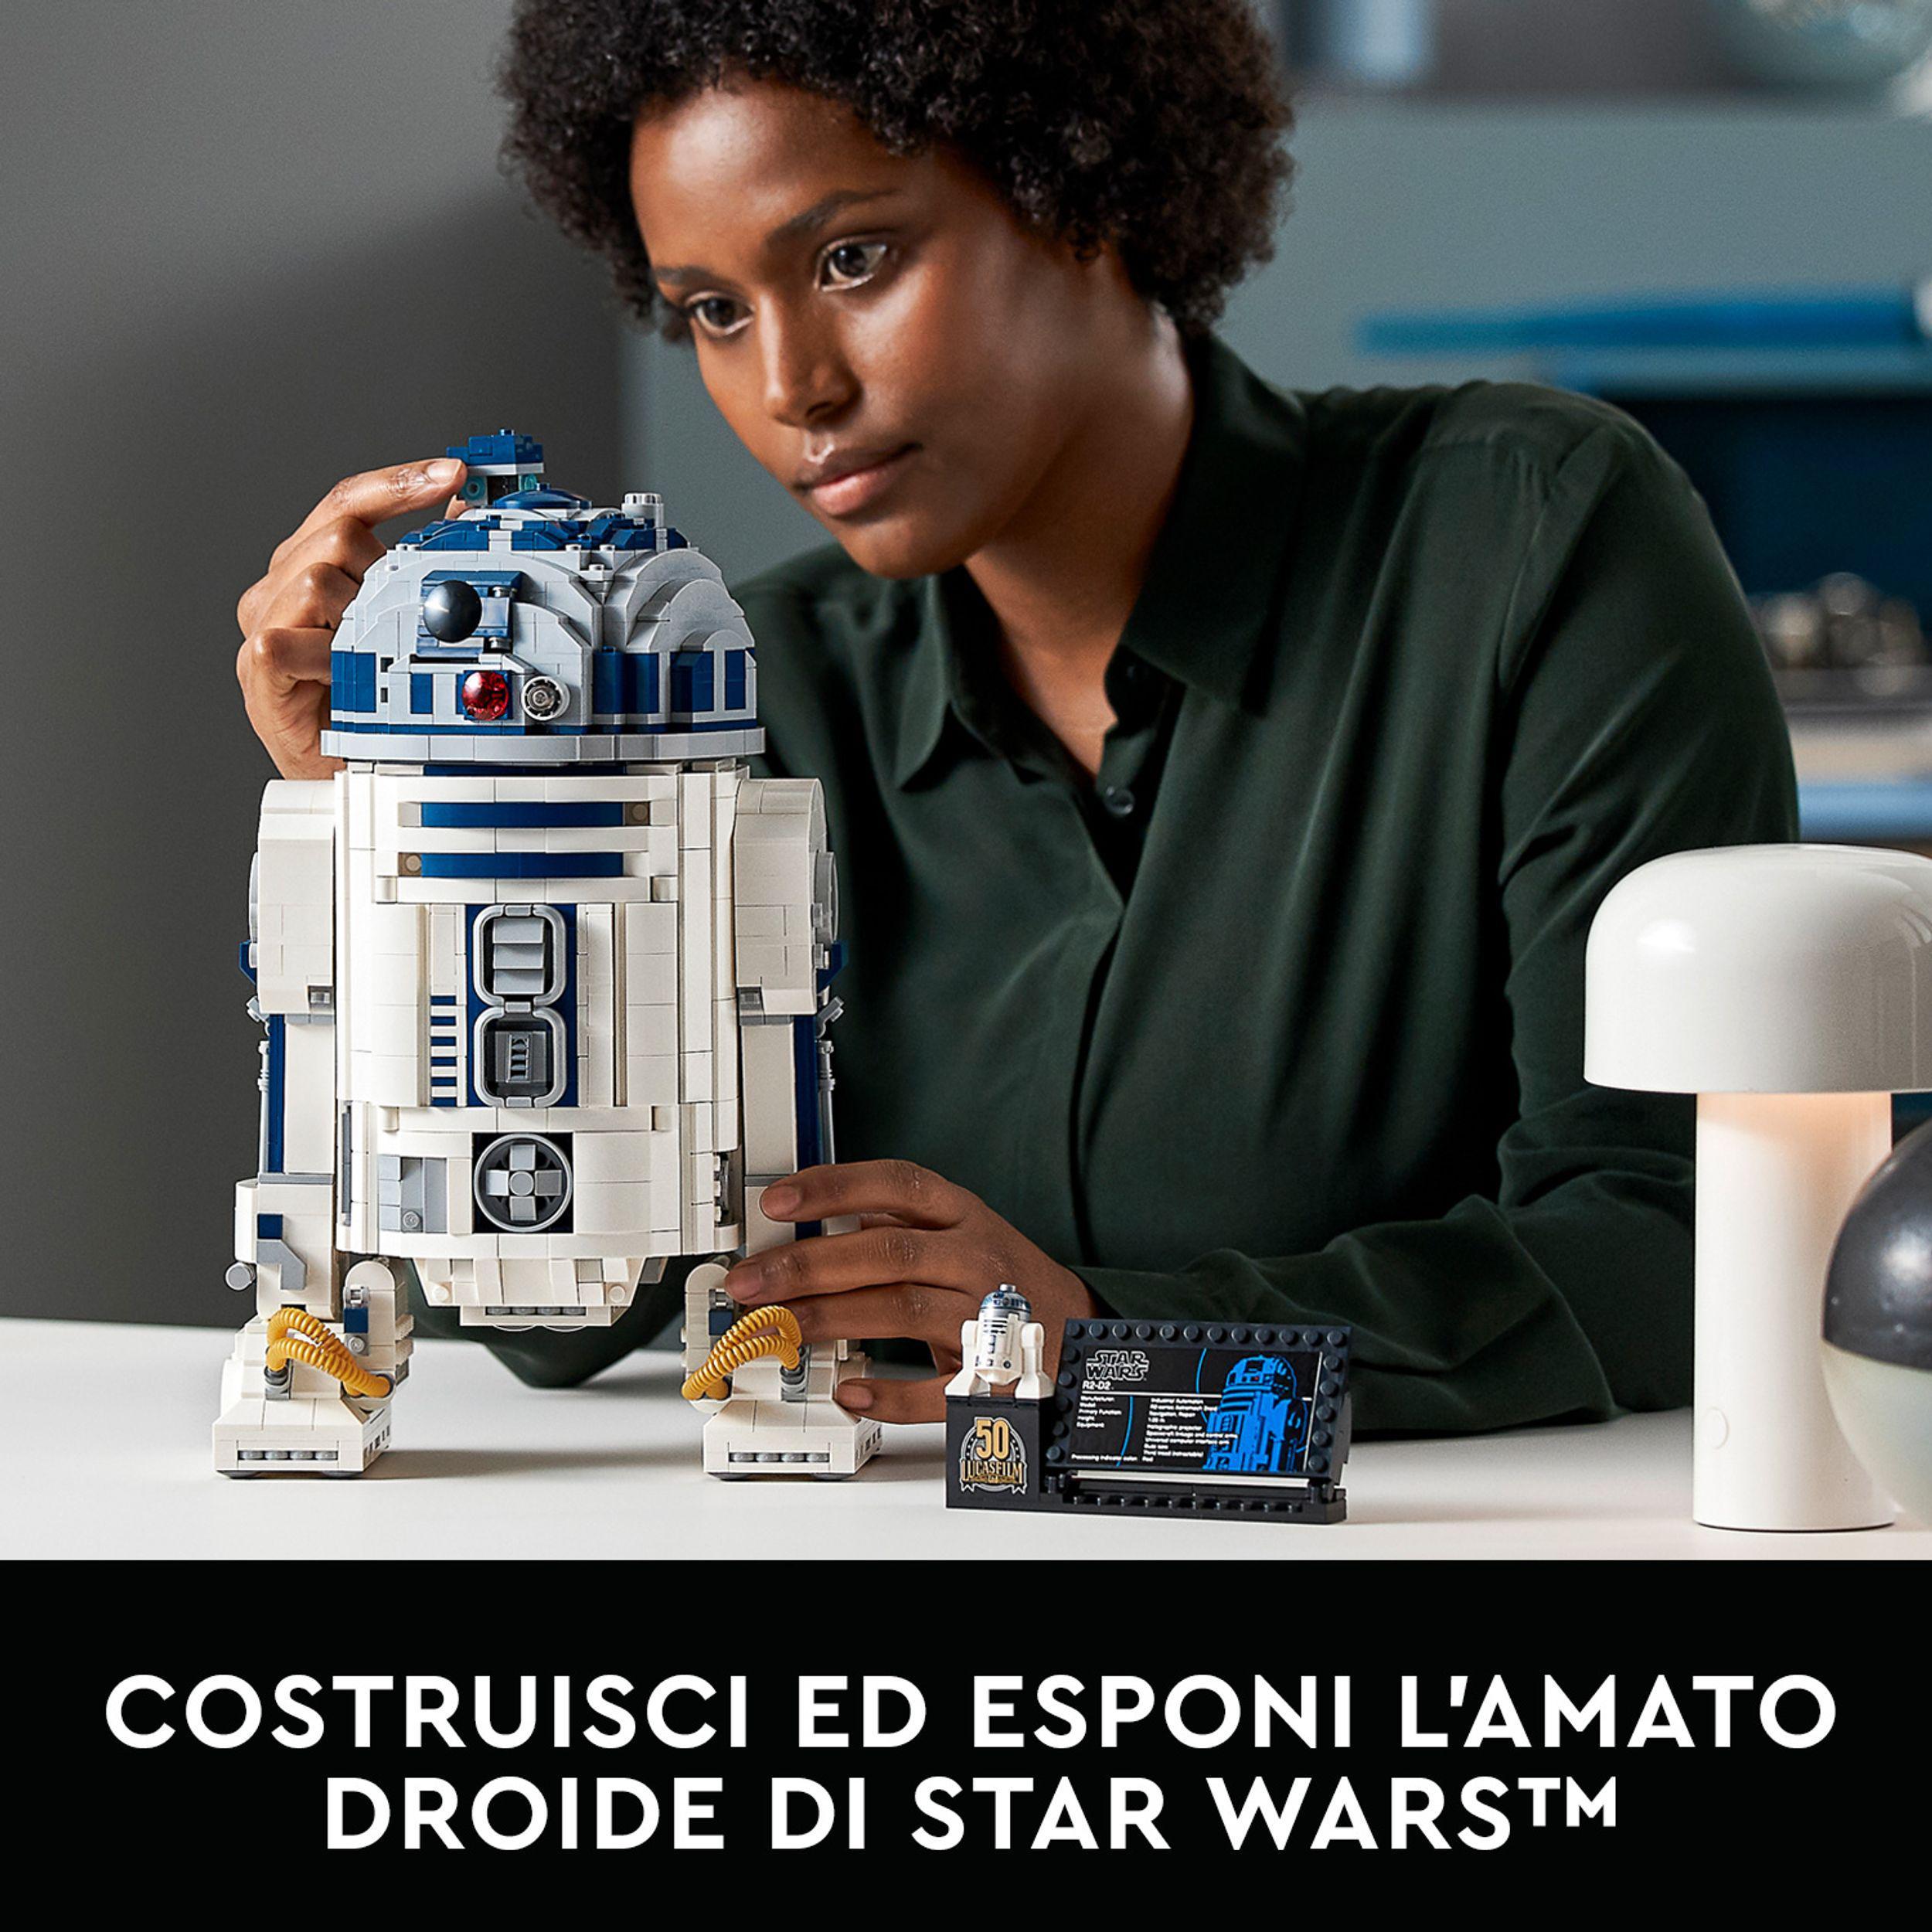 Lego star wars r2-d2 droide da costruzione per adulti, modello da esposizione con spada laser di luke skywalker, 75308 - Lego